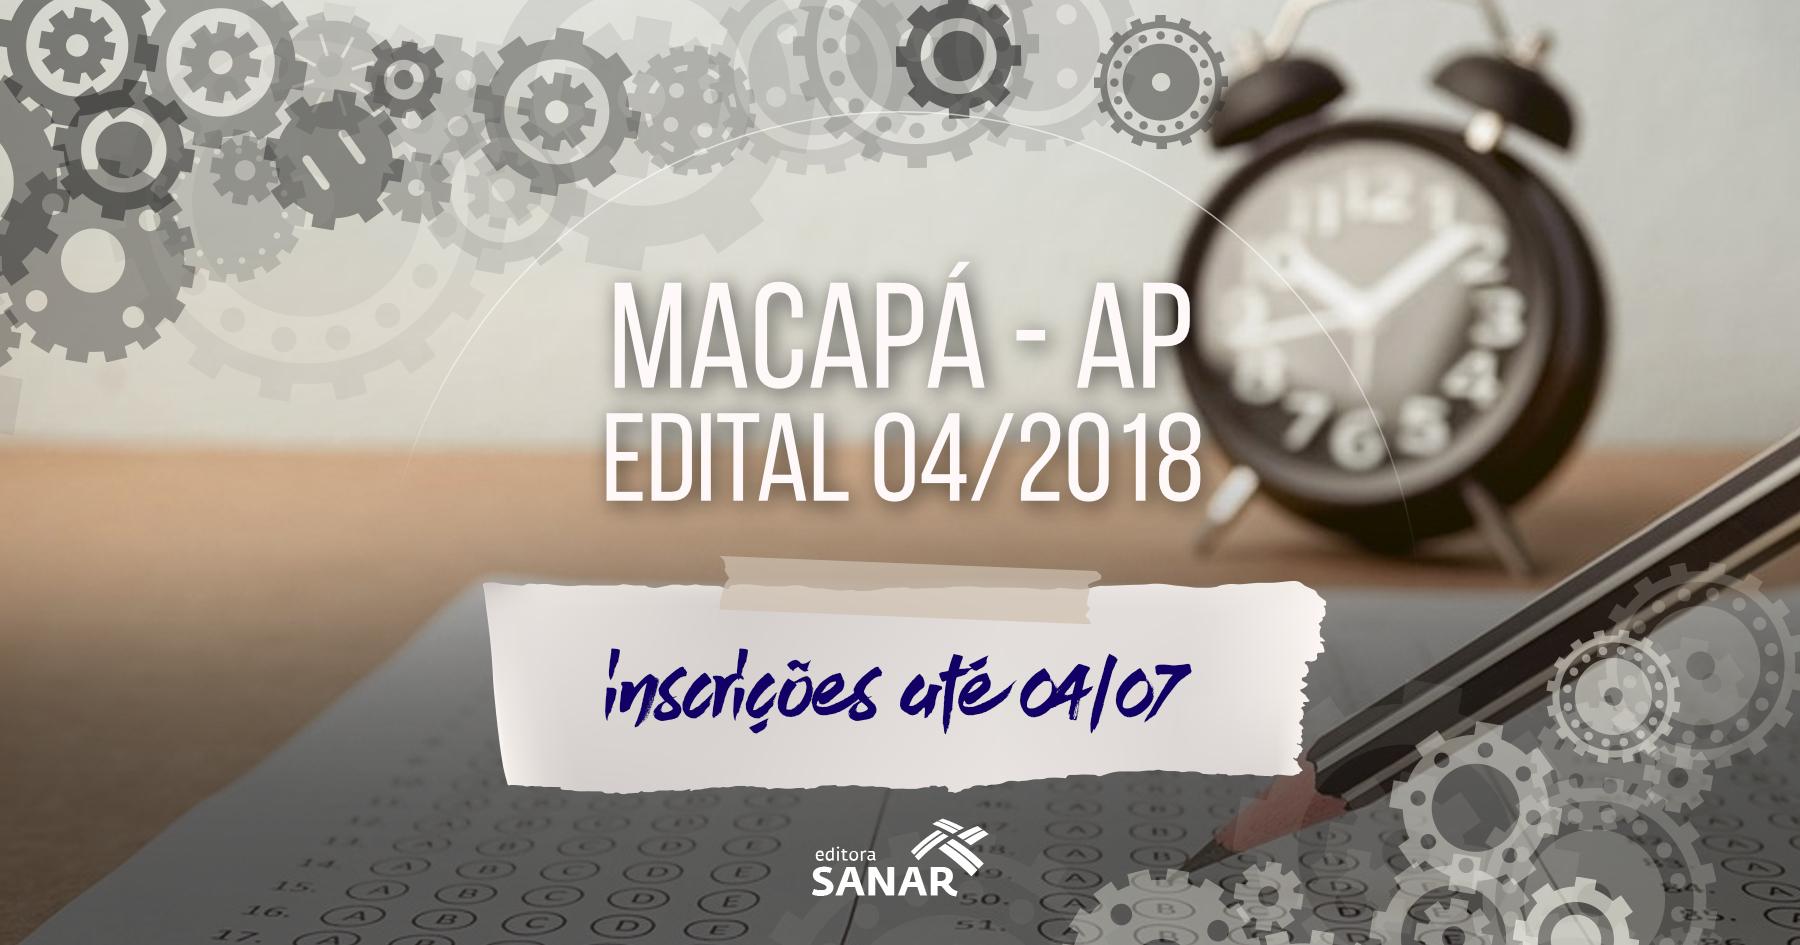 Concursos Macapá: conheça o edital 04/2018